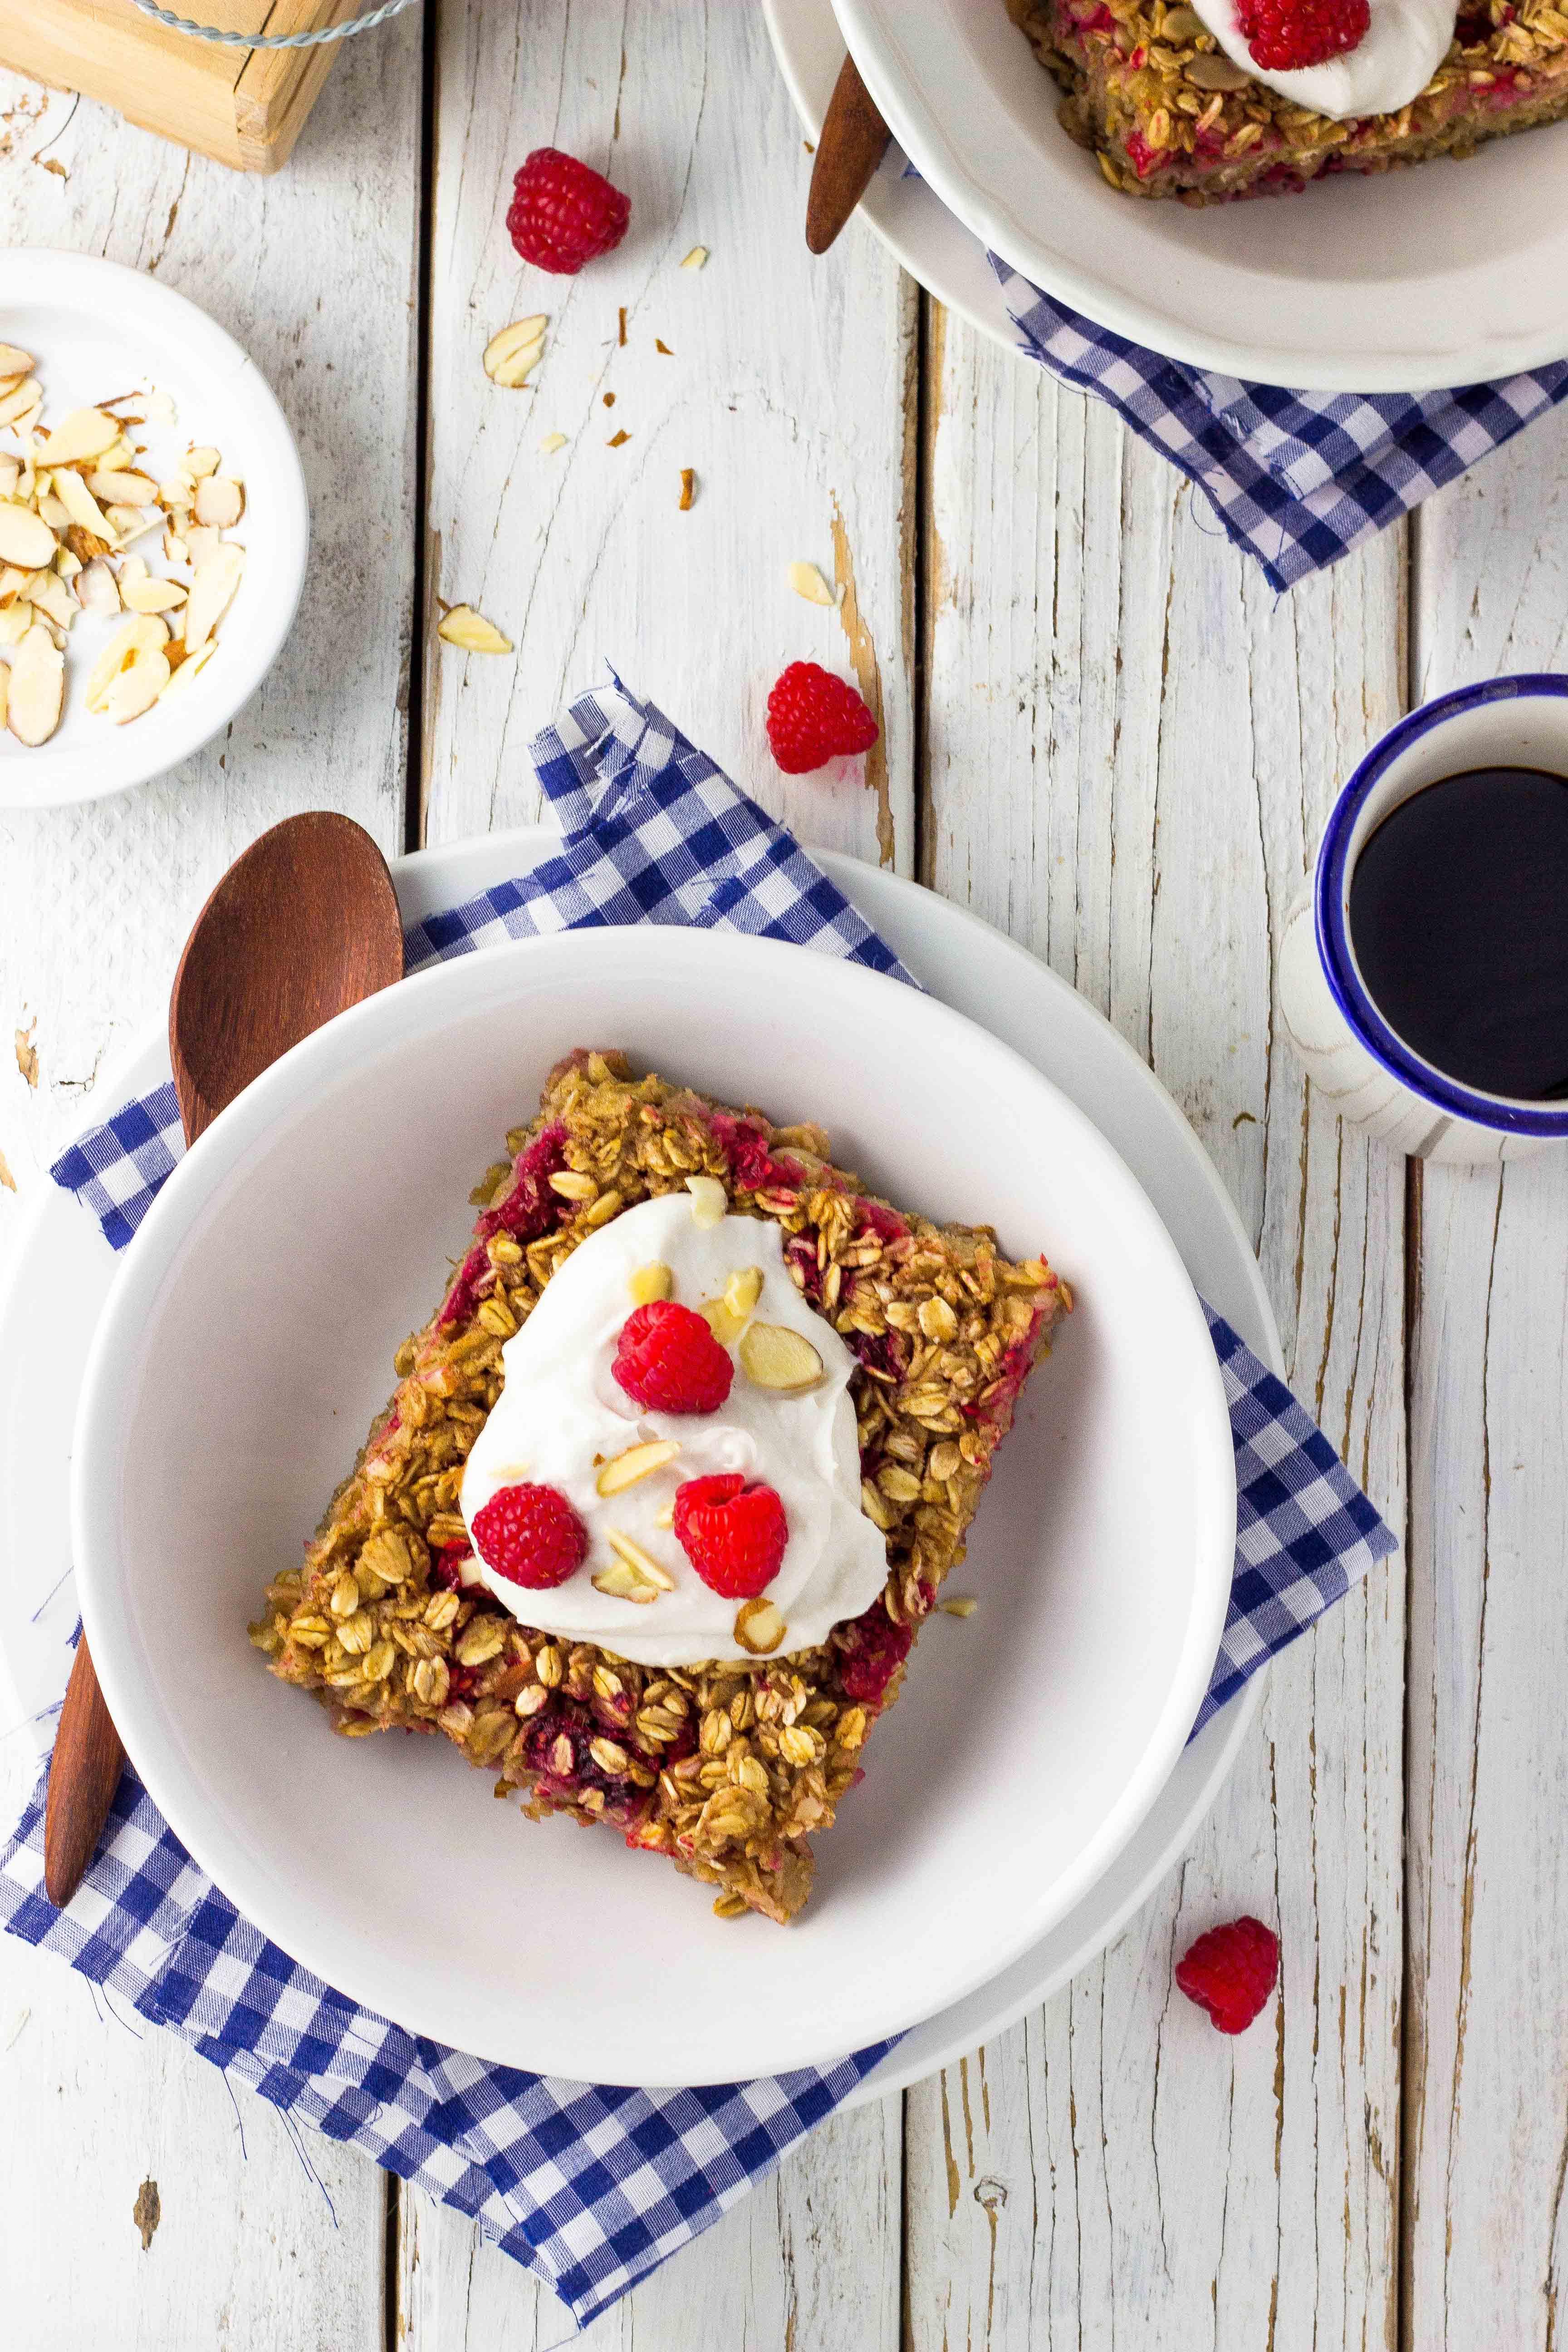 Gluten-free raspberry oatmeal bake